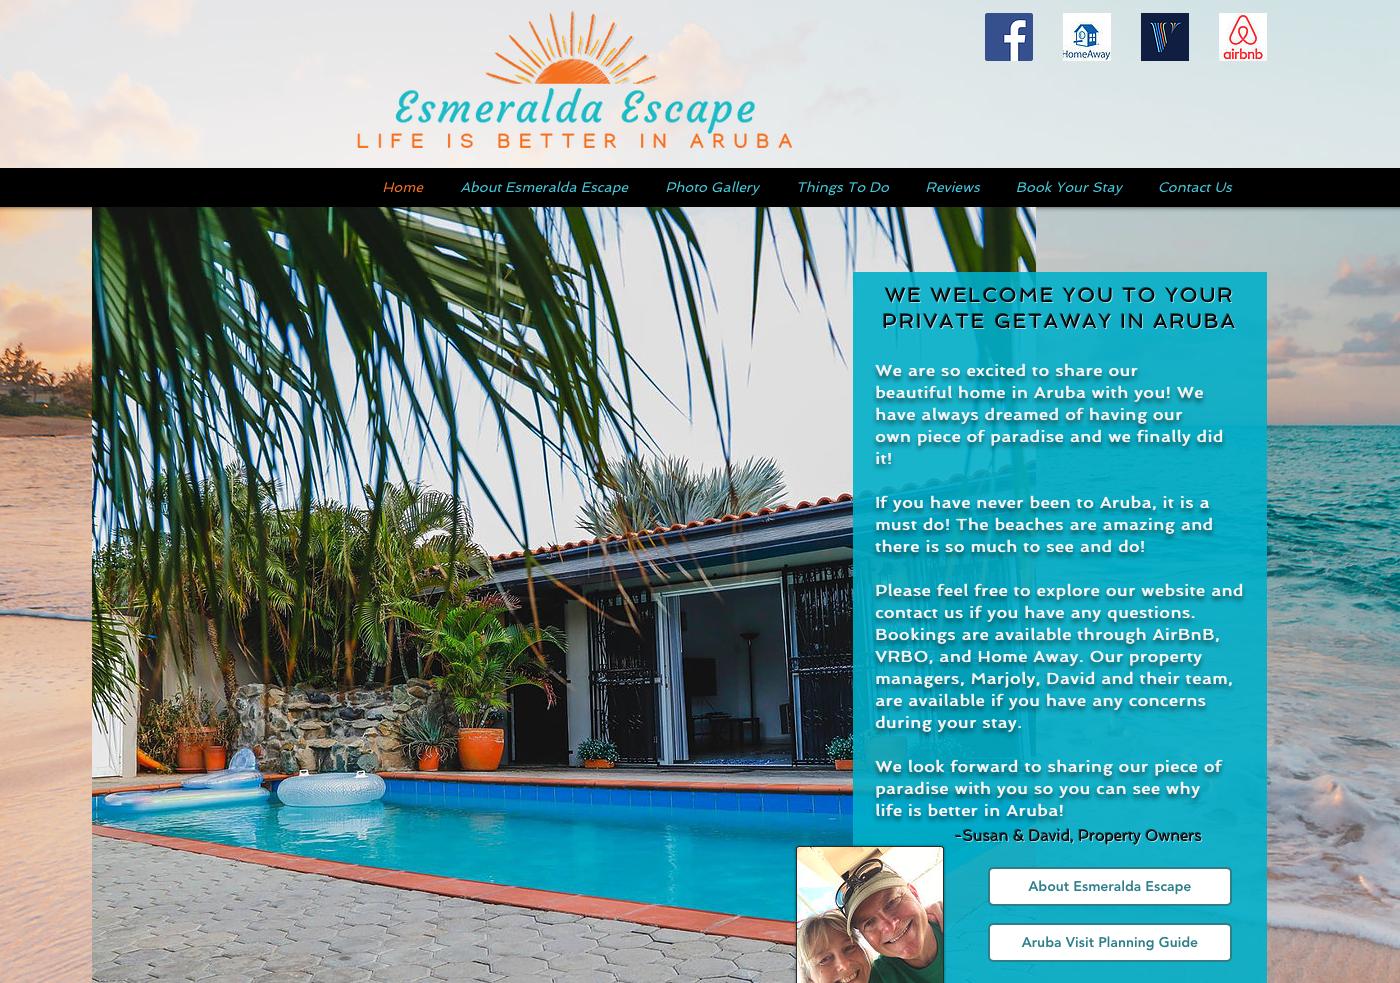 EsmeraldaEscape.com